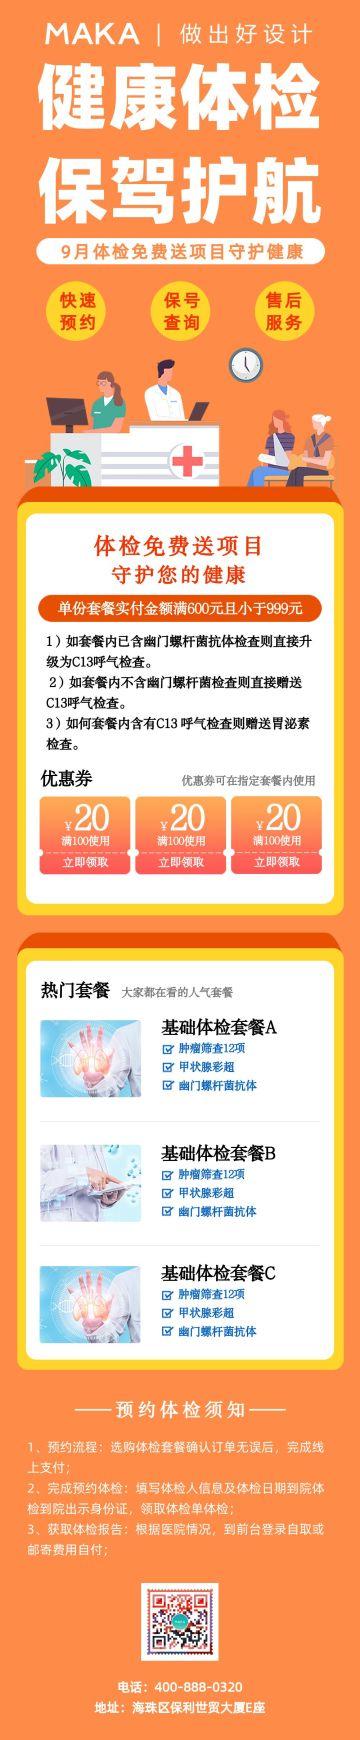 健康体检活动宣传文章长图